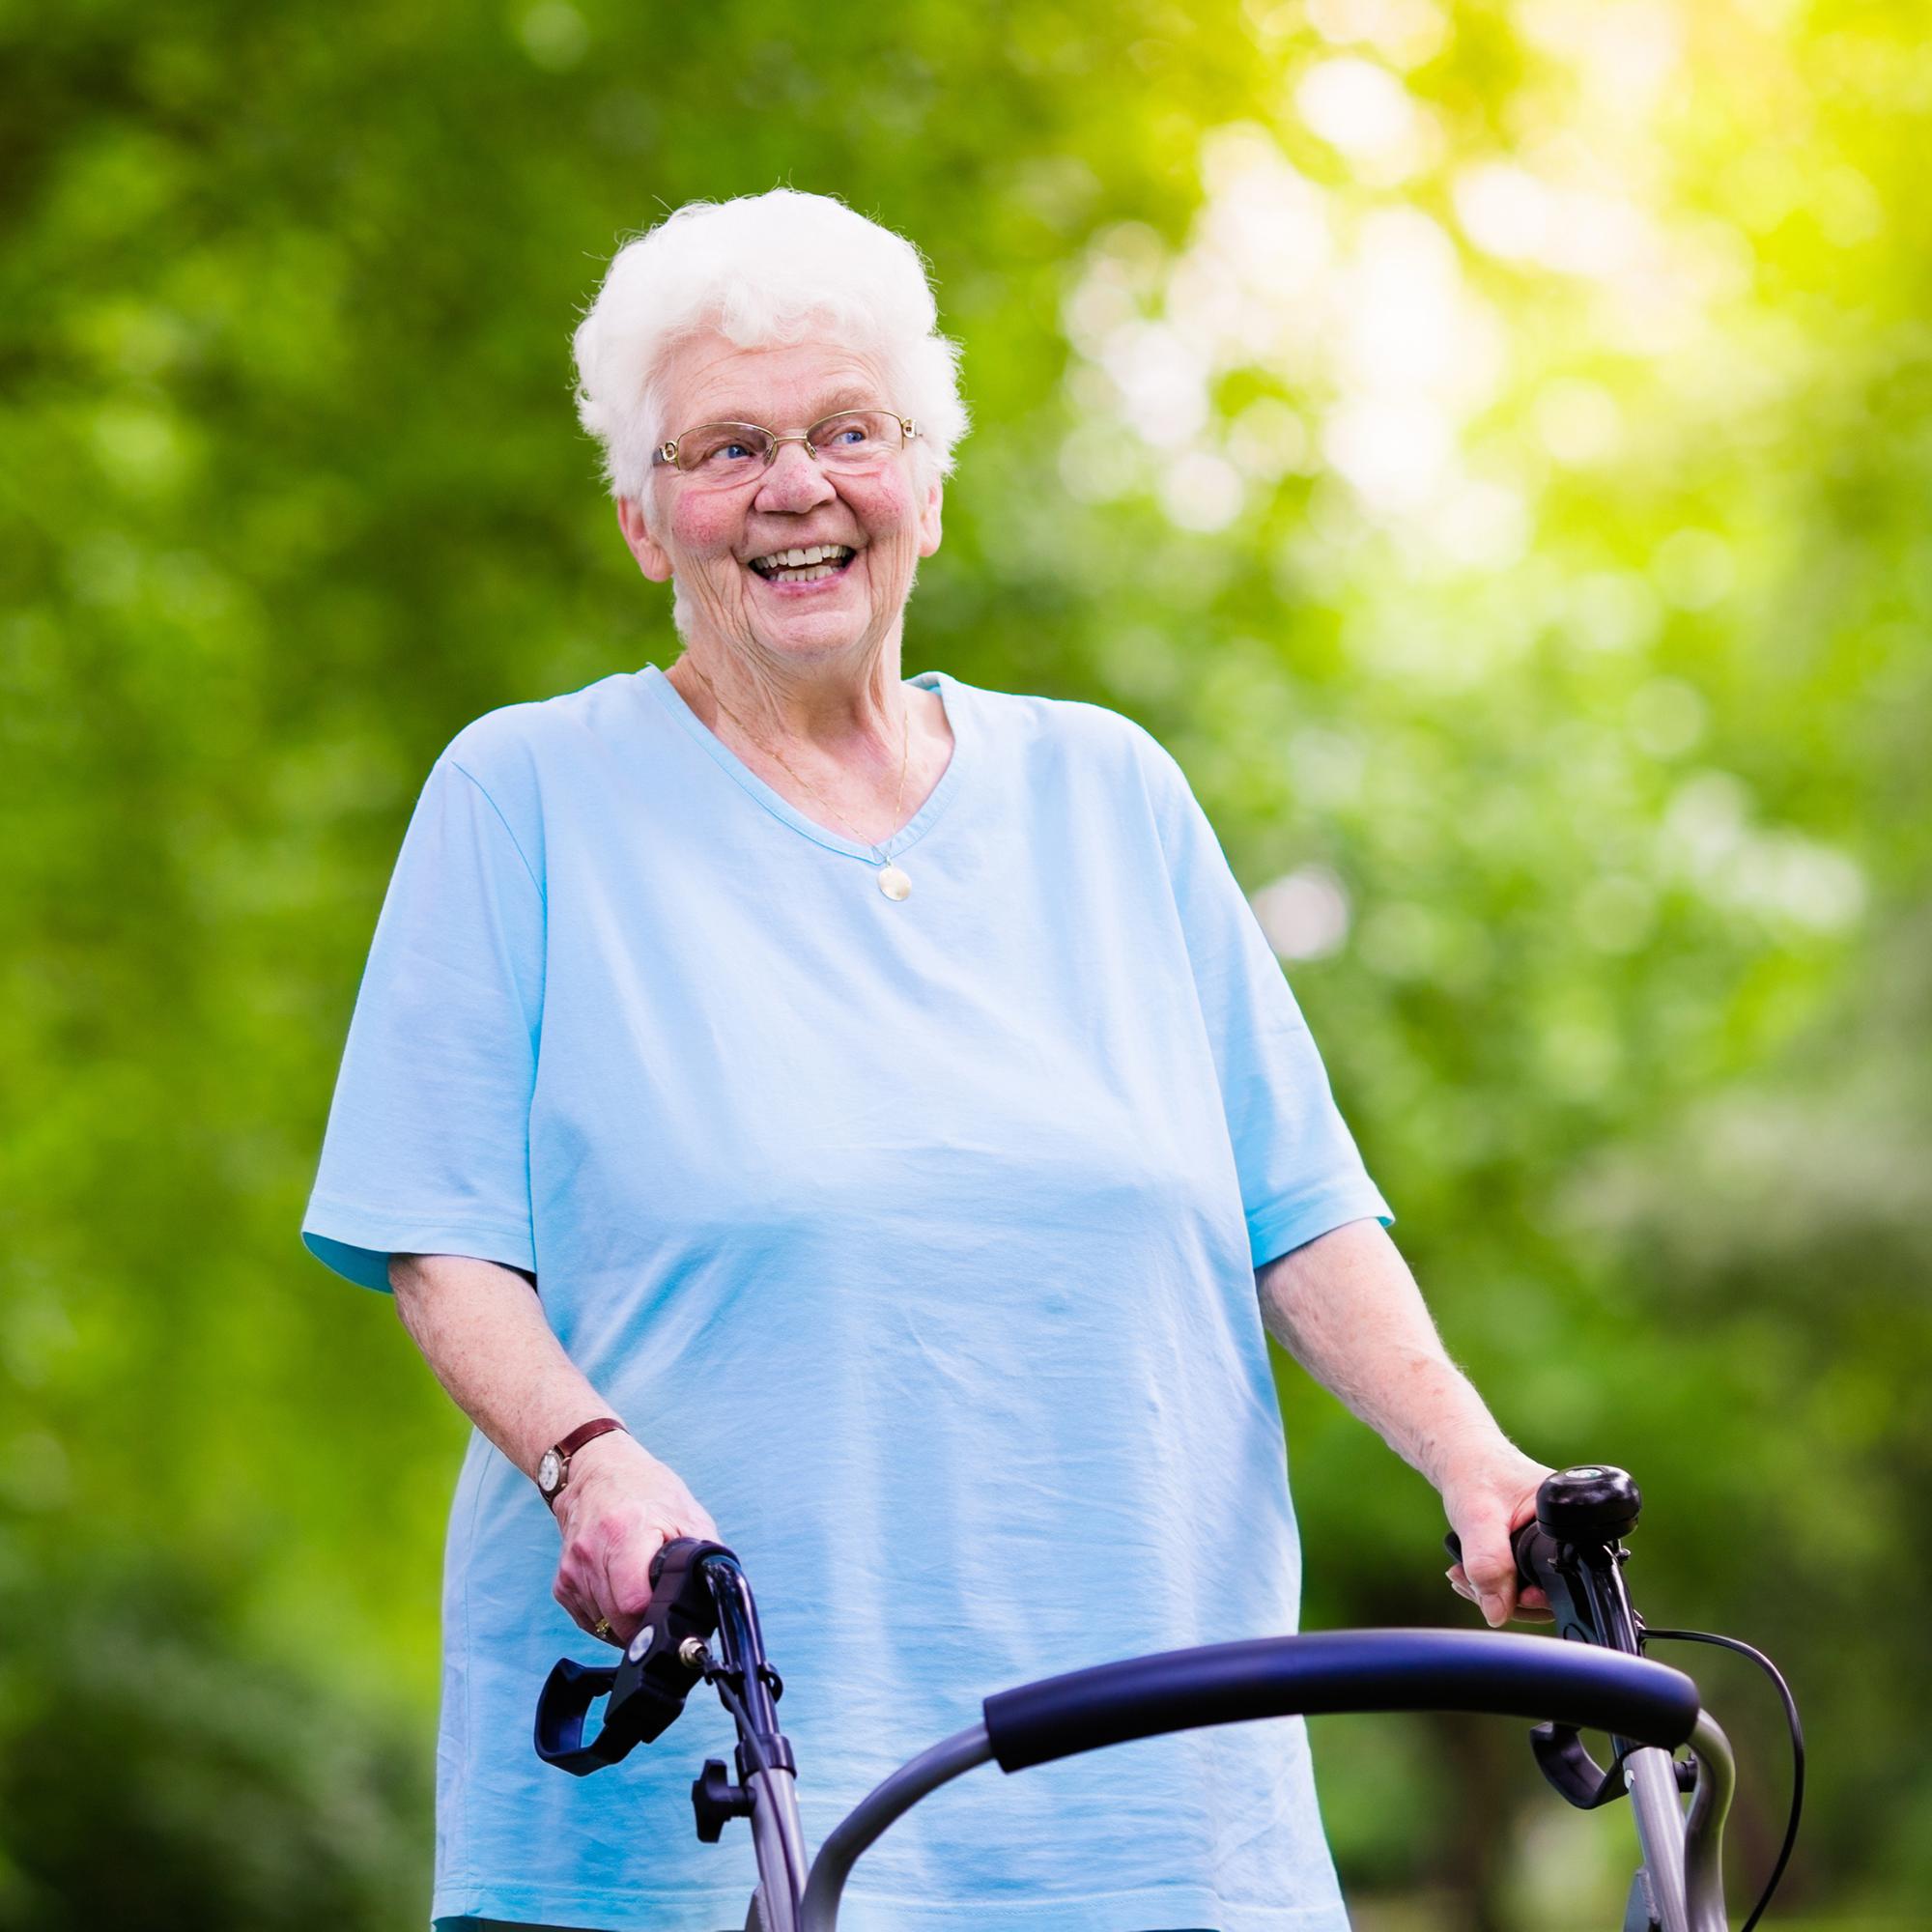 Elderly lady using a walker outside